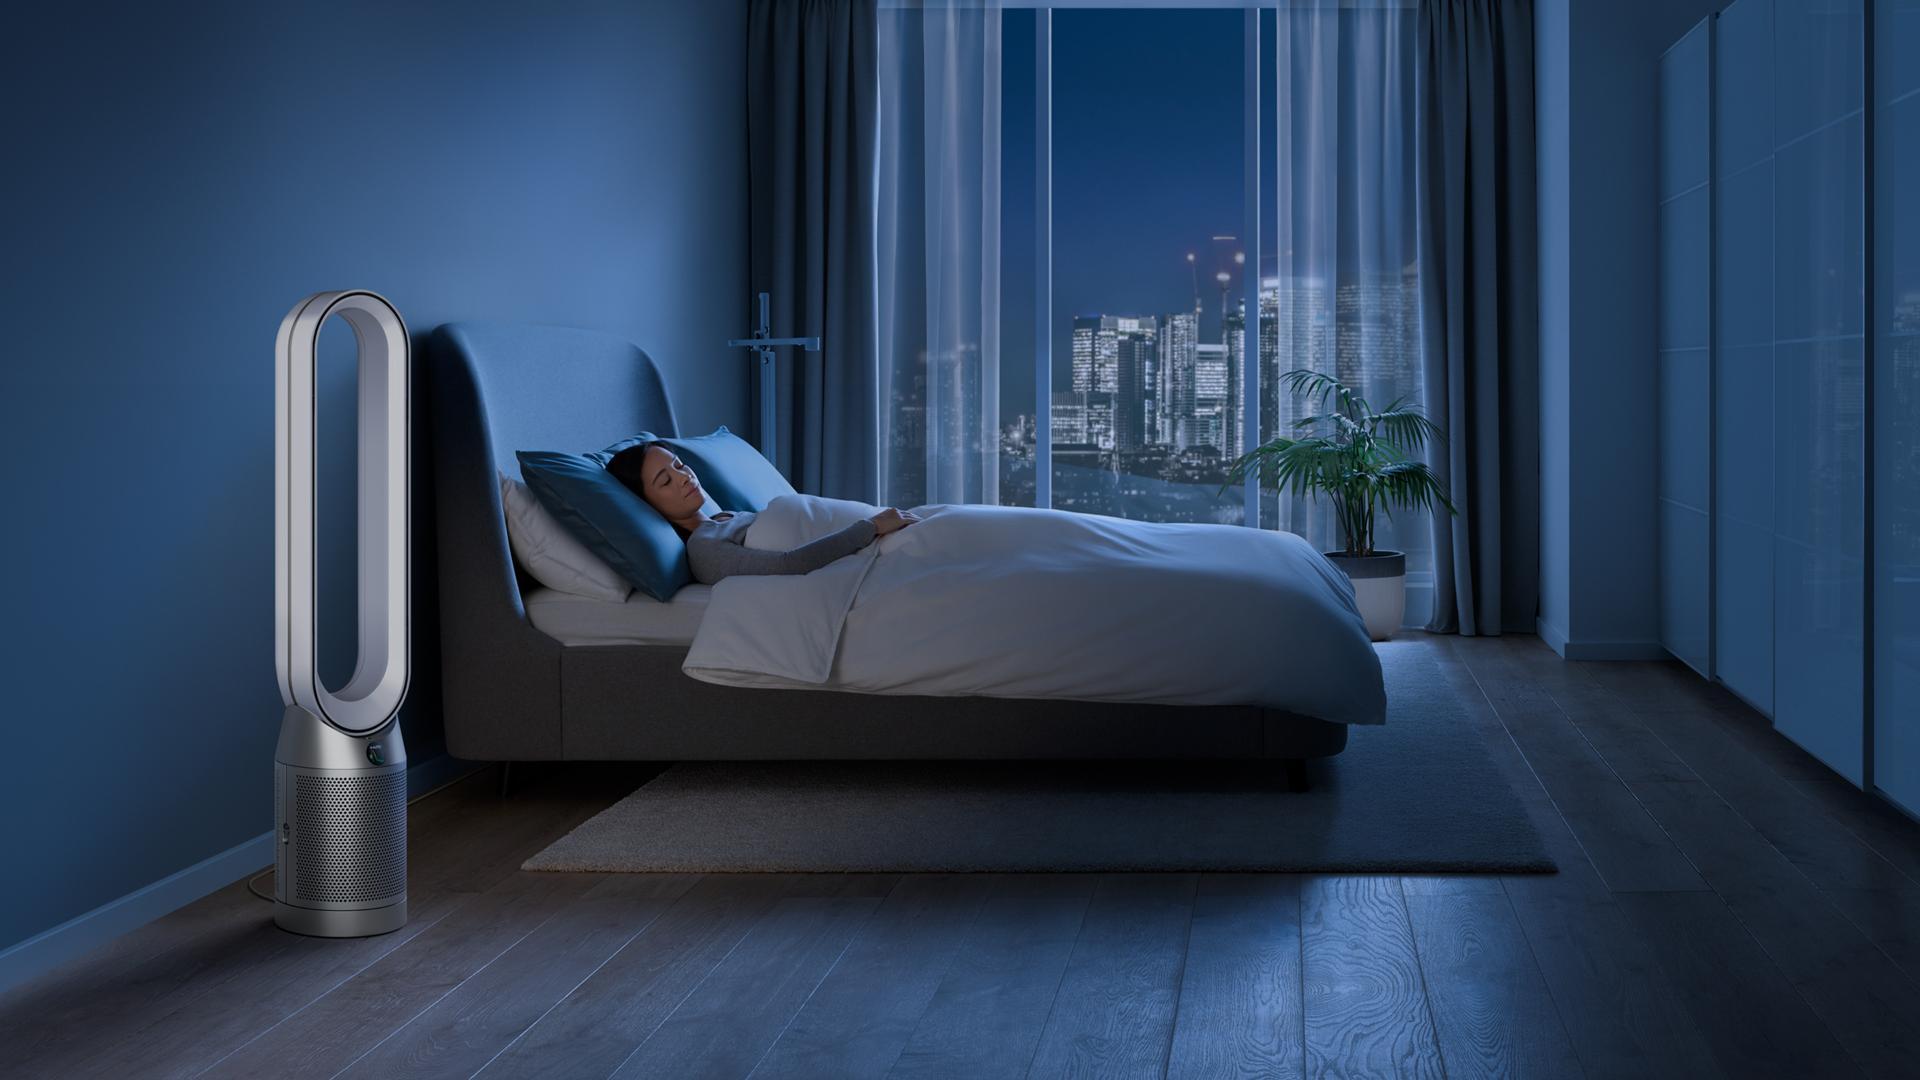 Huzurla uyuyan birinin bulunduğu karanlık bir yatak odasında Dyson hava temizleyici